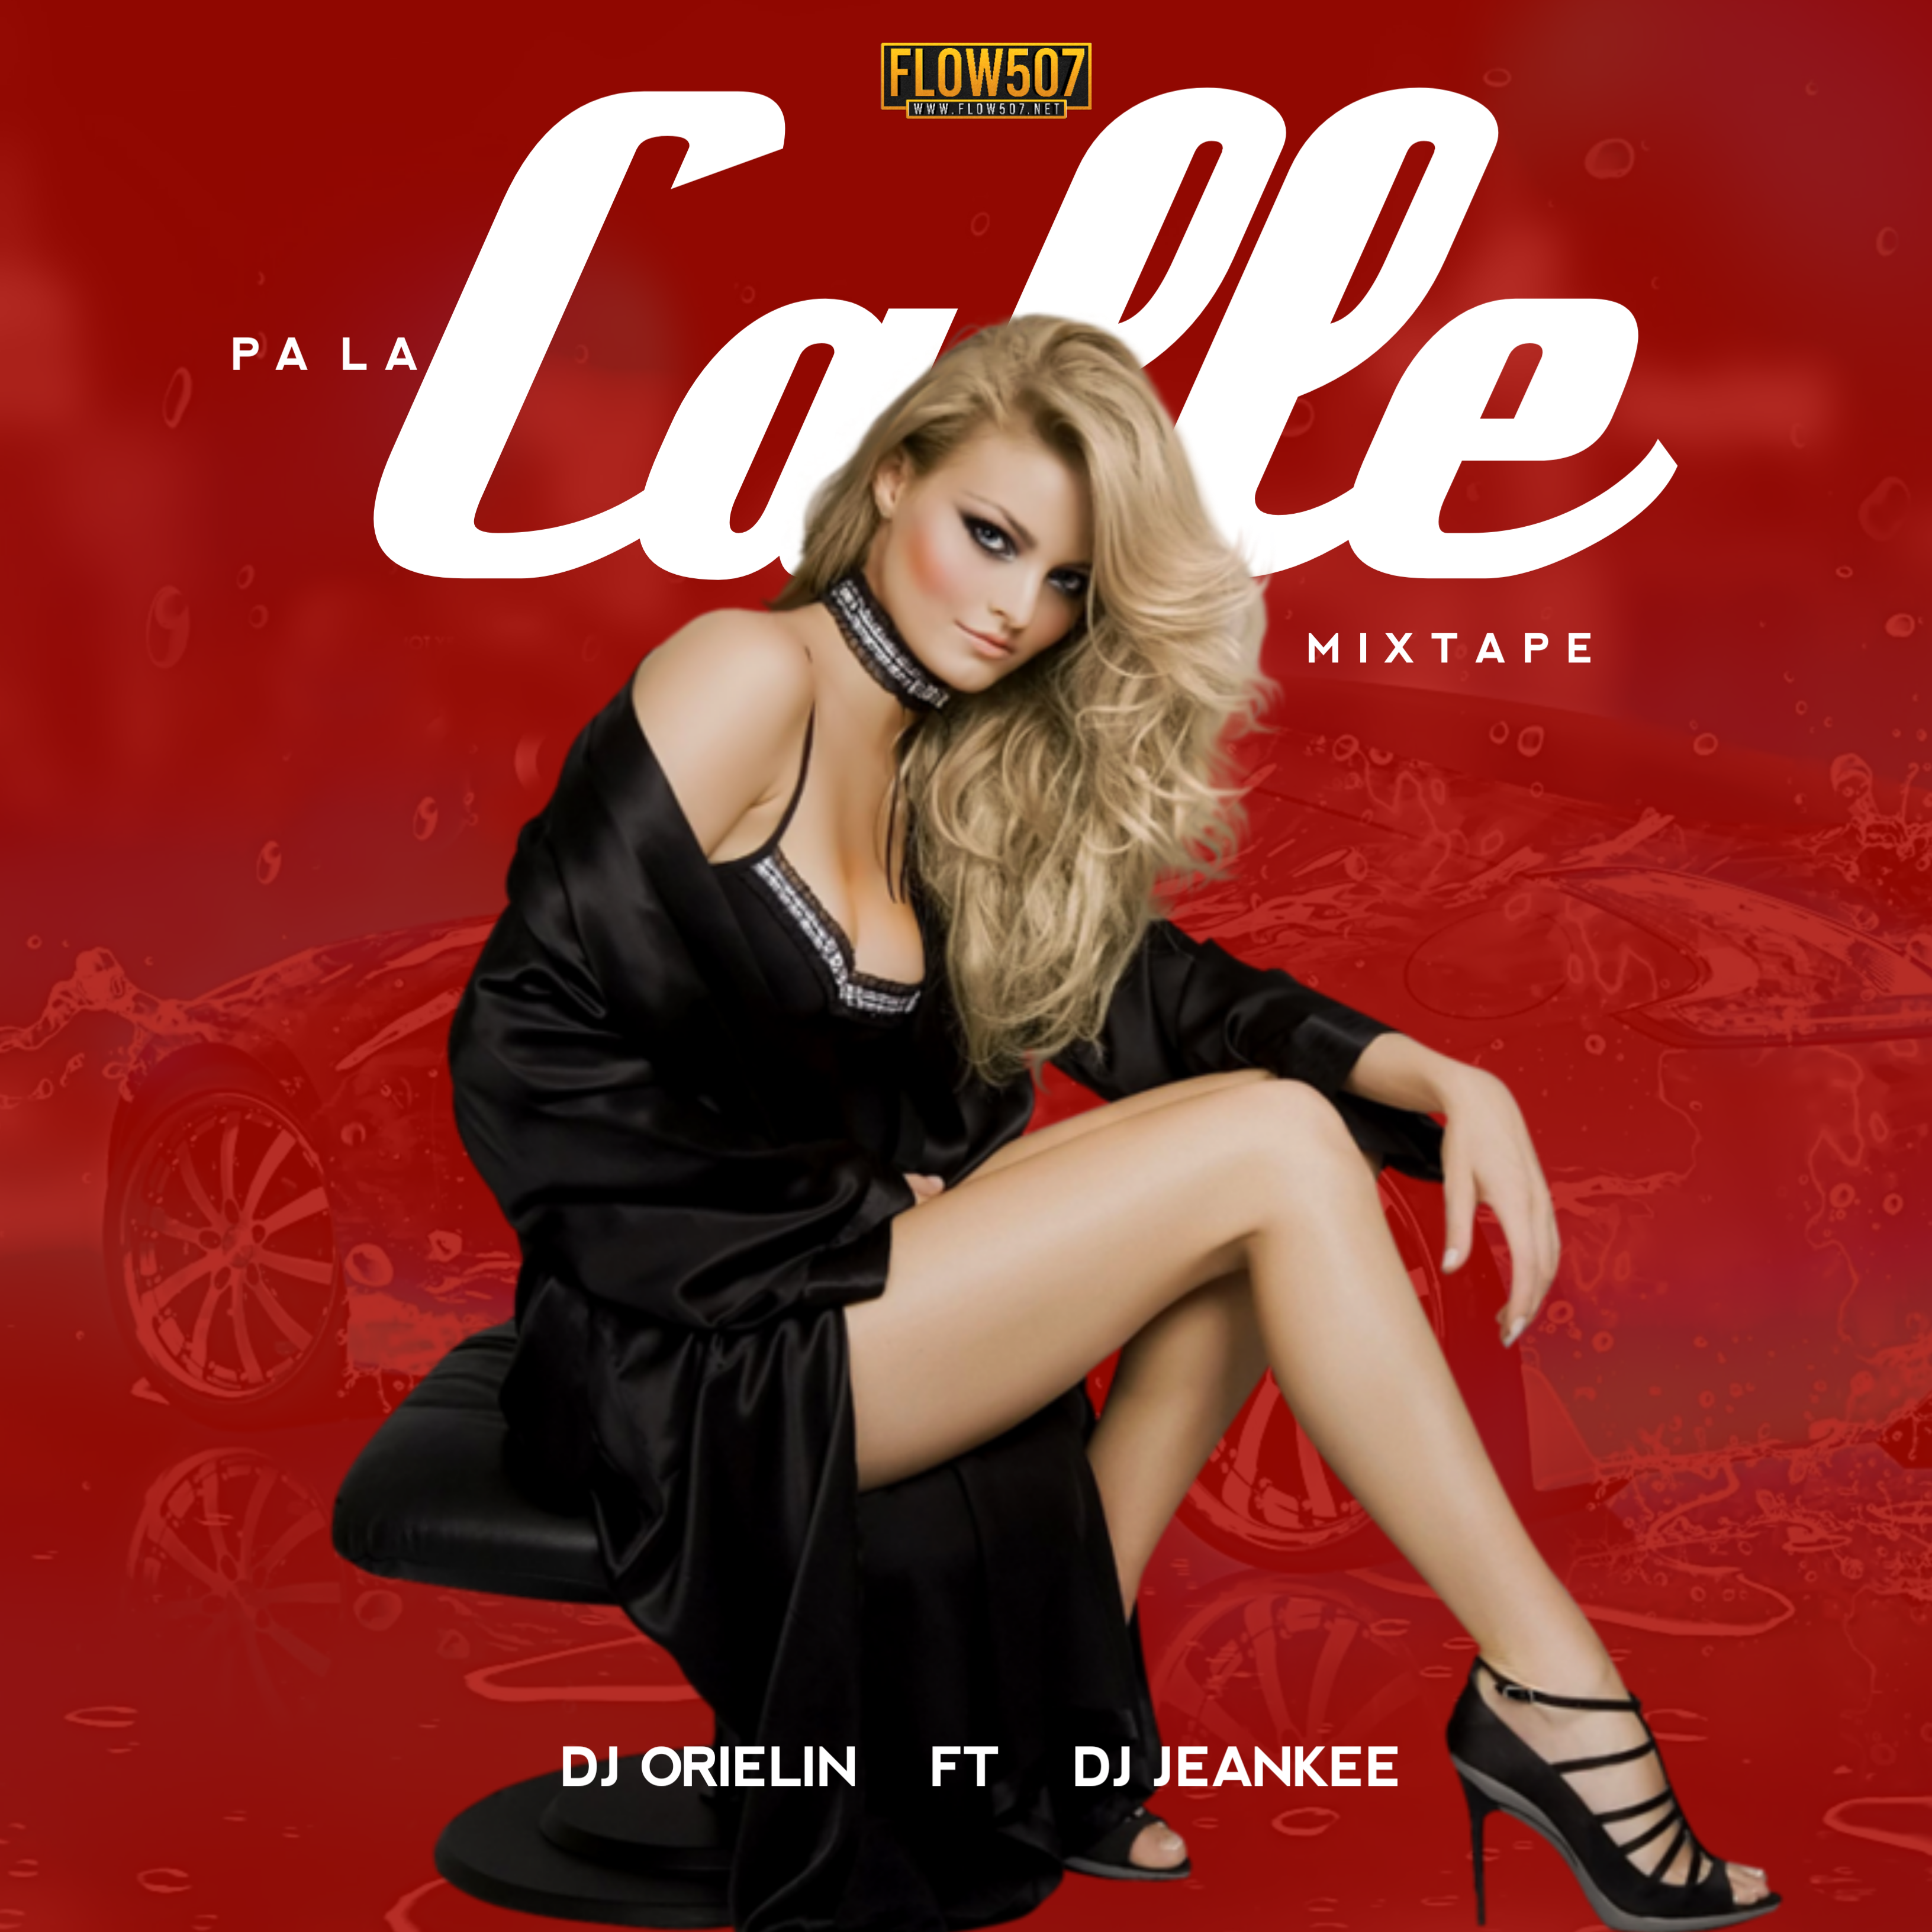 Dj Jeankee Ft. Dj Orielin - Pa La Calle Mixtape